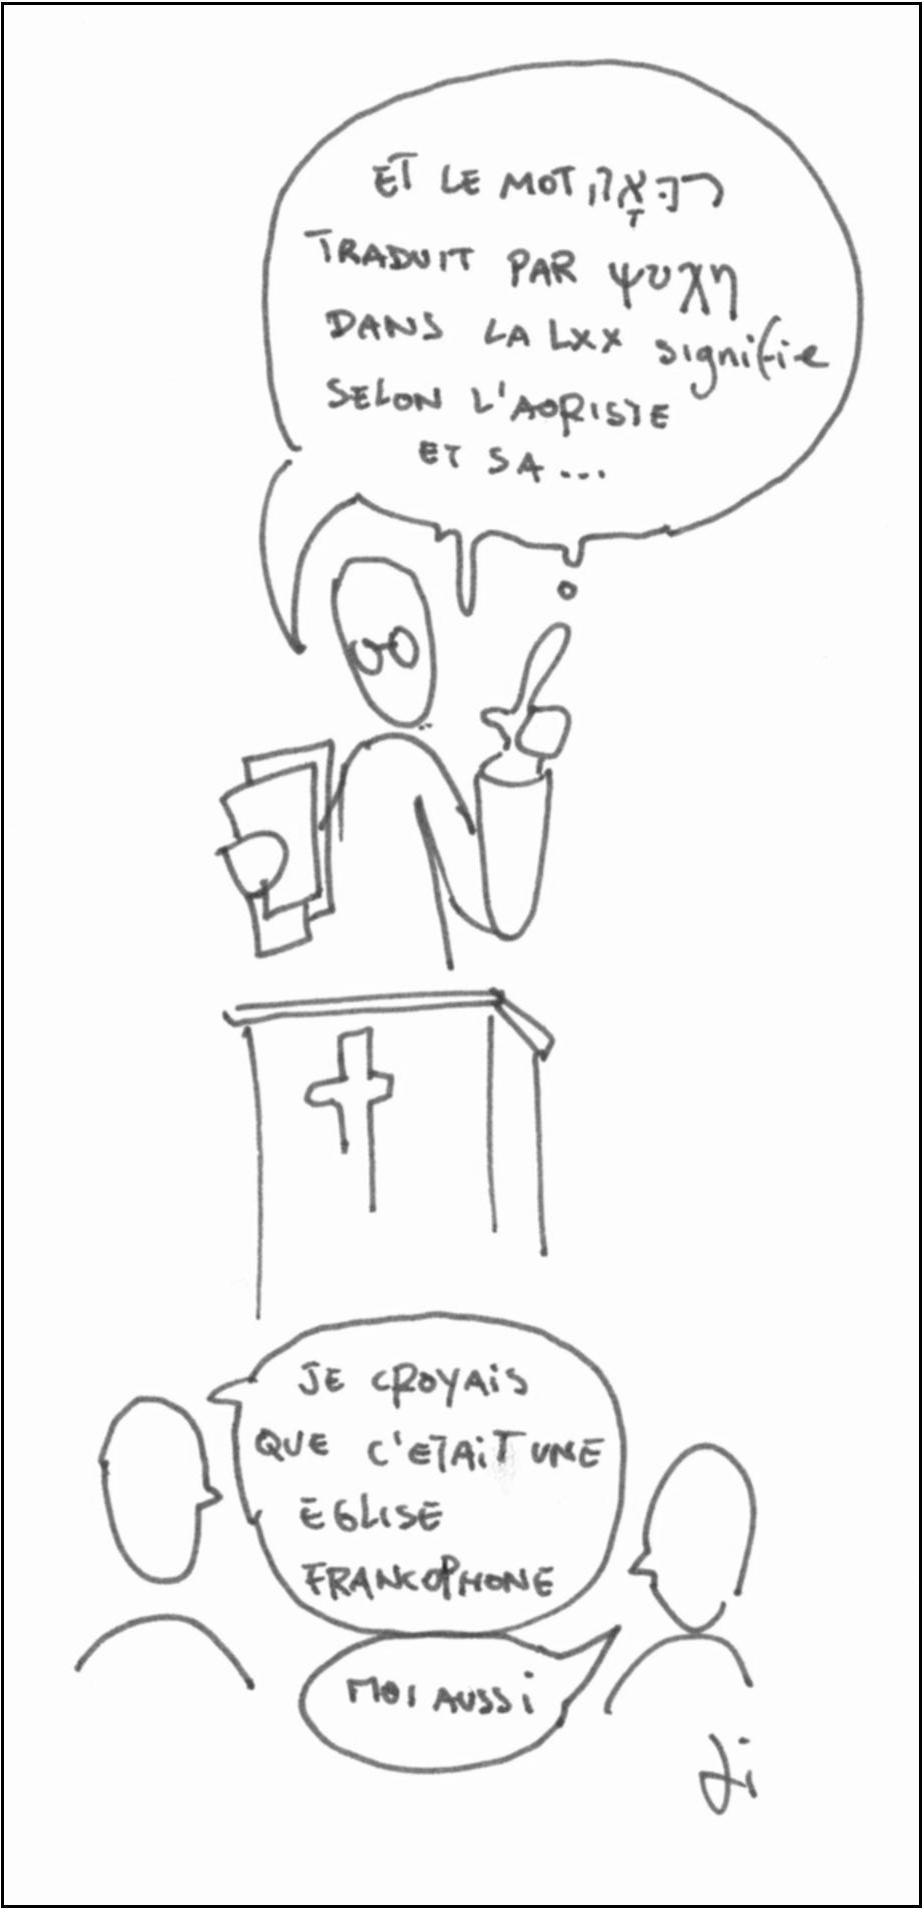 precher-en-francais-b-calmant